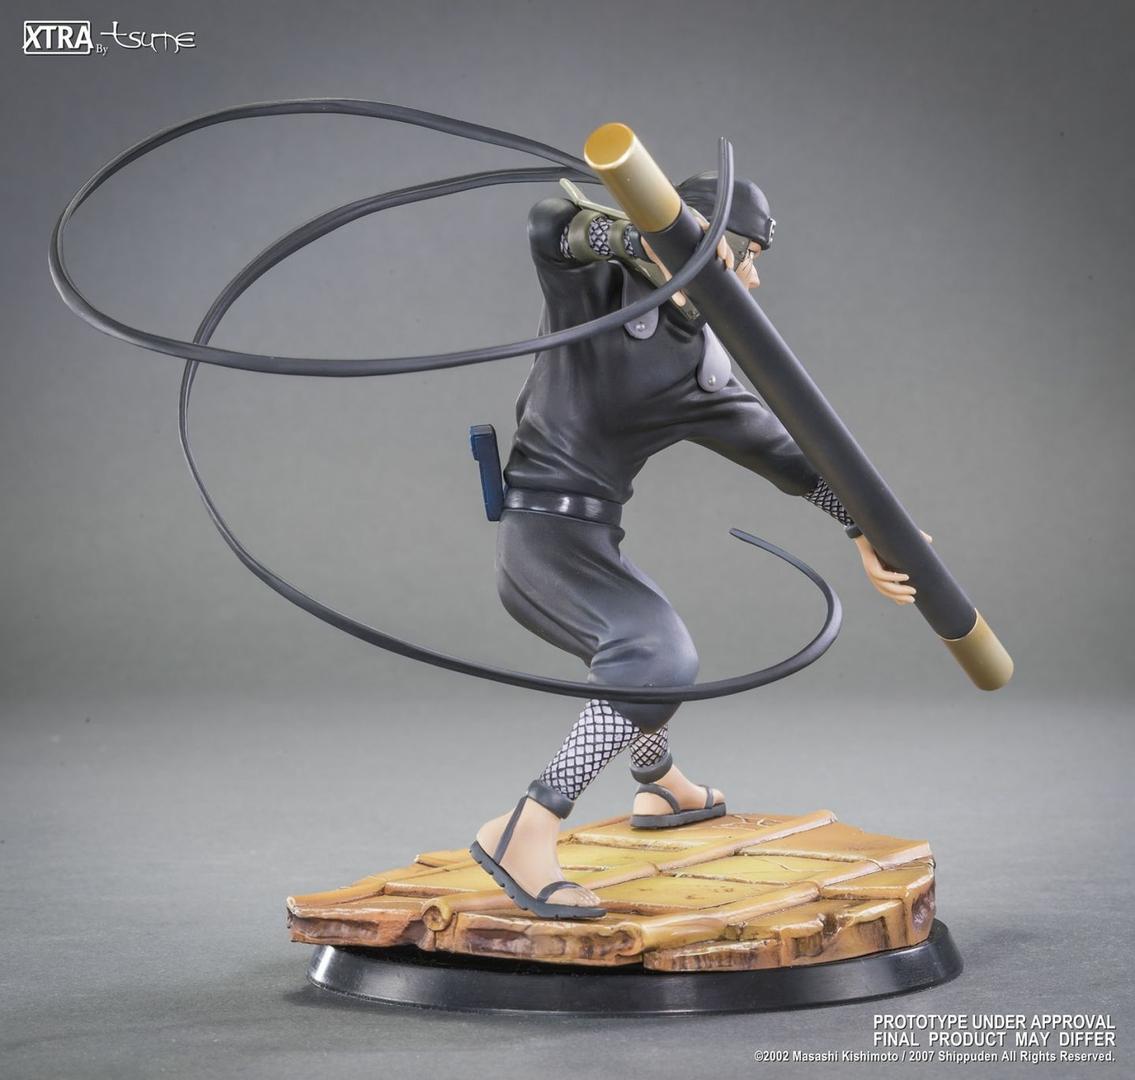 Statuette Naruto Shippuden Hiruzen Sarutobi Xtra Tsume 16cm 1001 Figurines 7